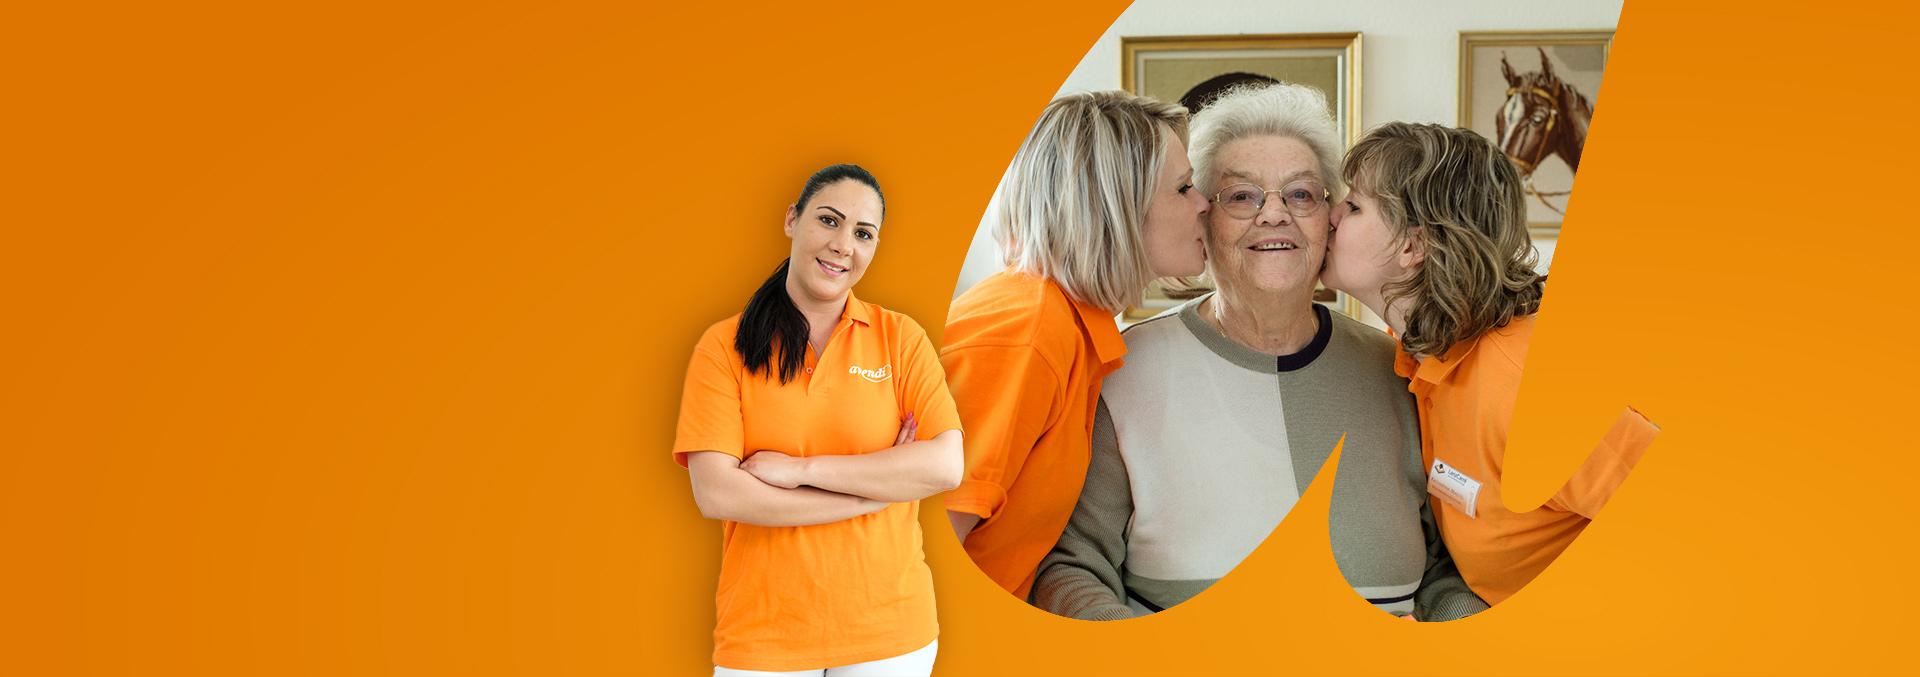 Berufsbild Altenpflege, zwei Pflegerinnen küssen eine Bewohnerin auf die Wangen.